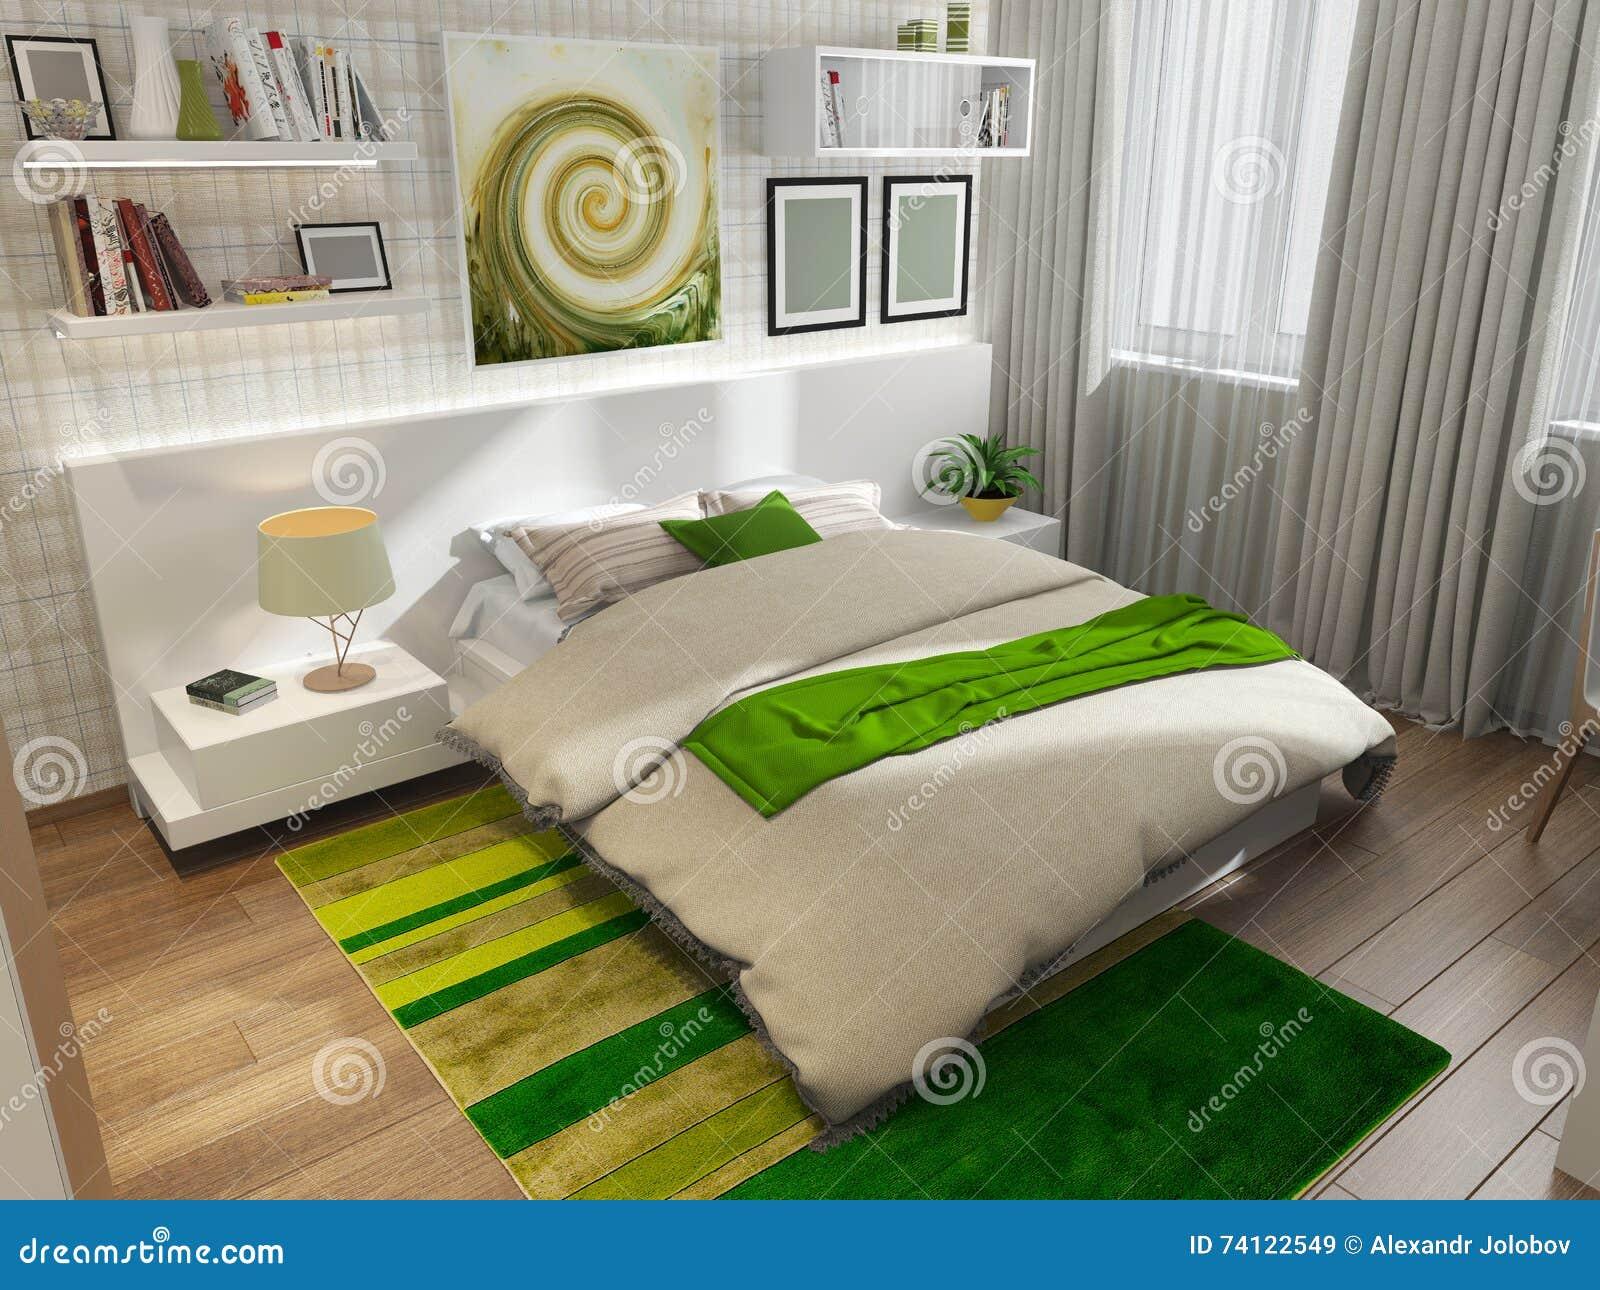 Beeindruckend Schlafzimmer Teppich Referenz Von Pattern Mit Grünem Stock Abbildung - Tration